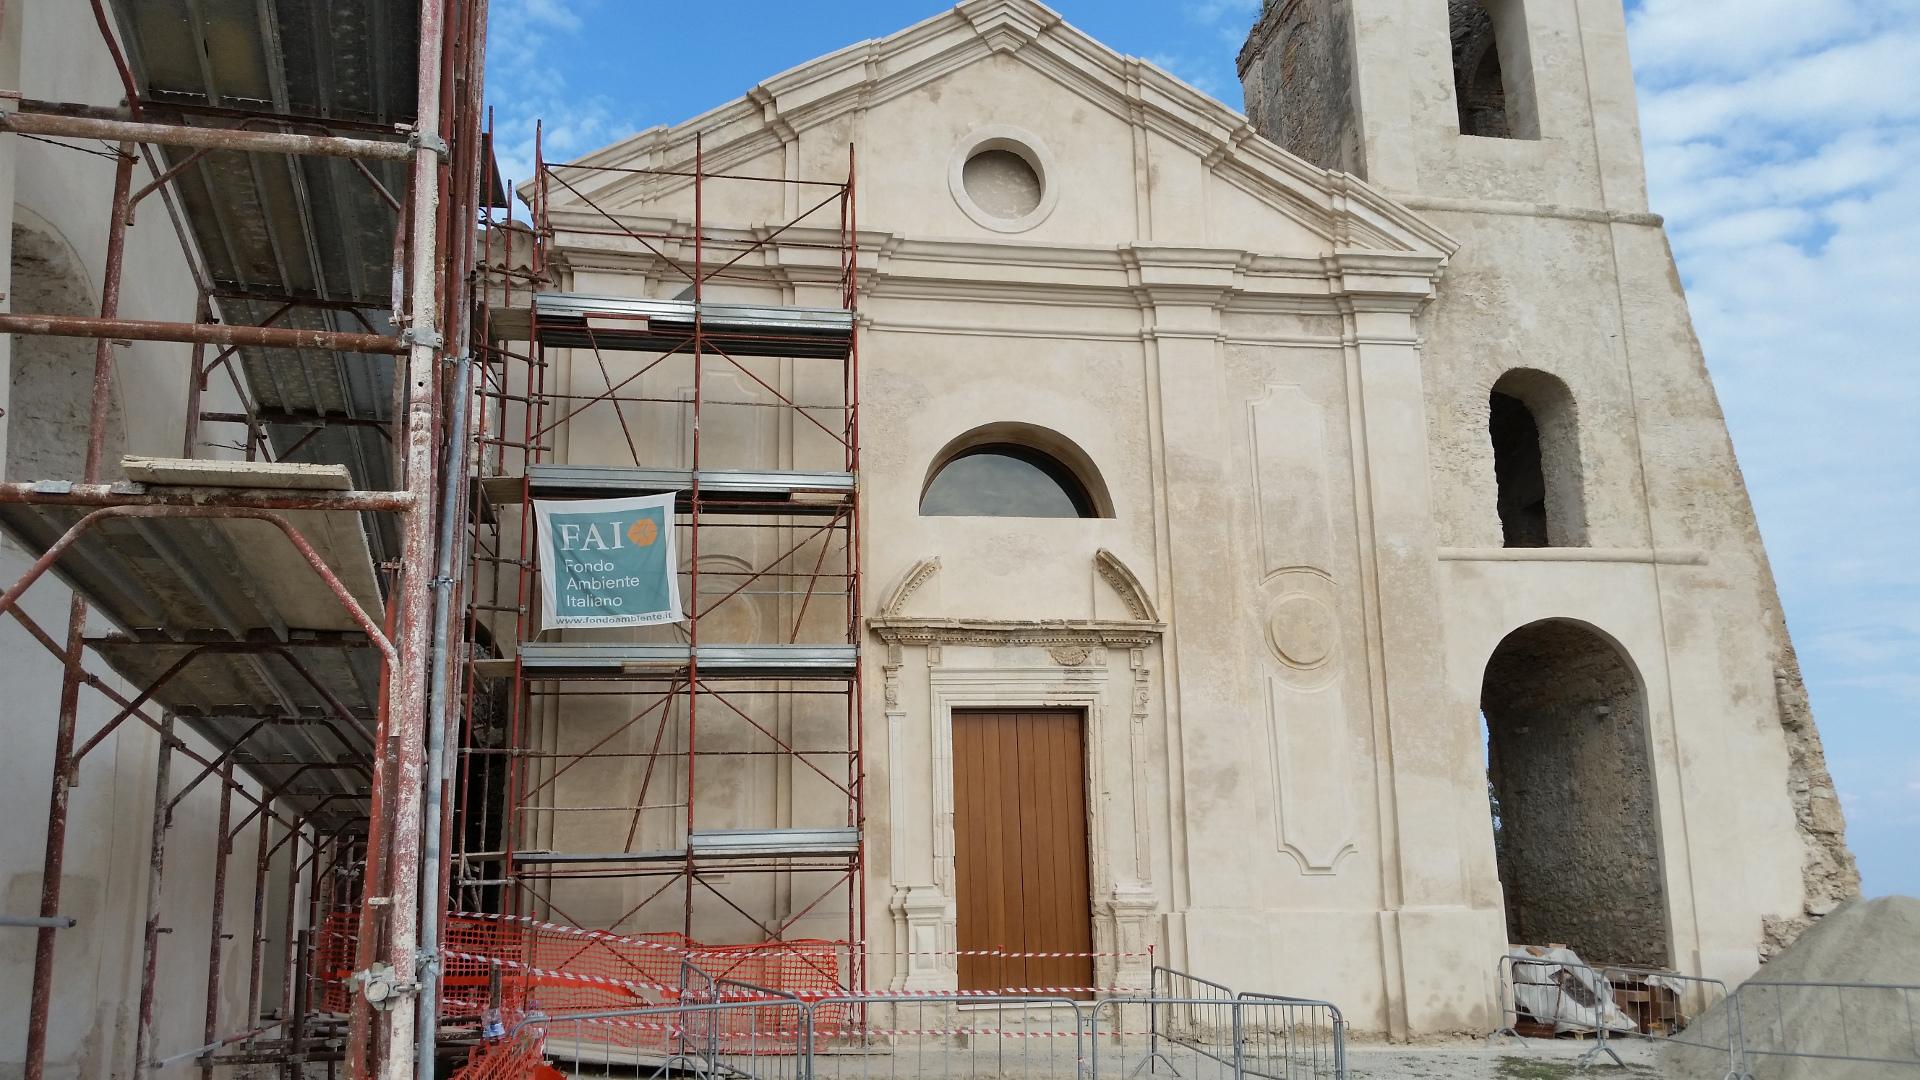 roccella_castello_facade